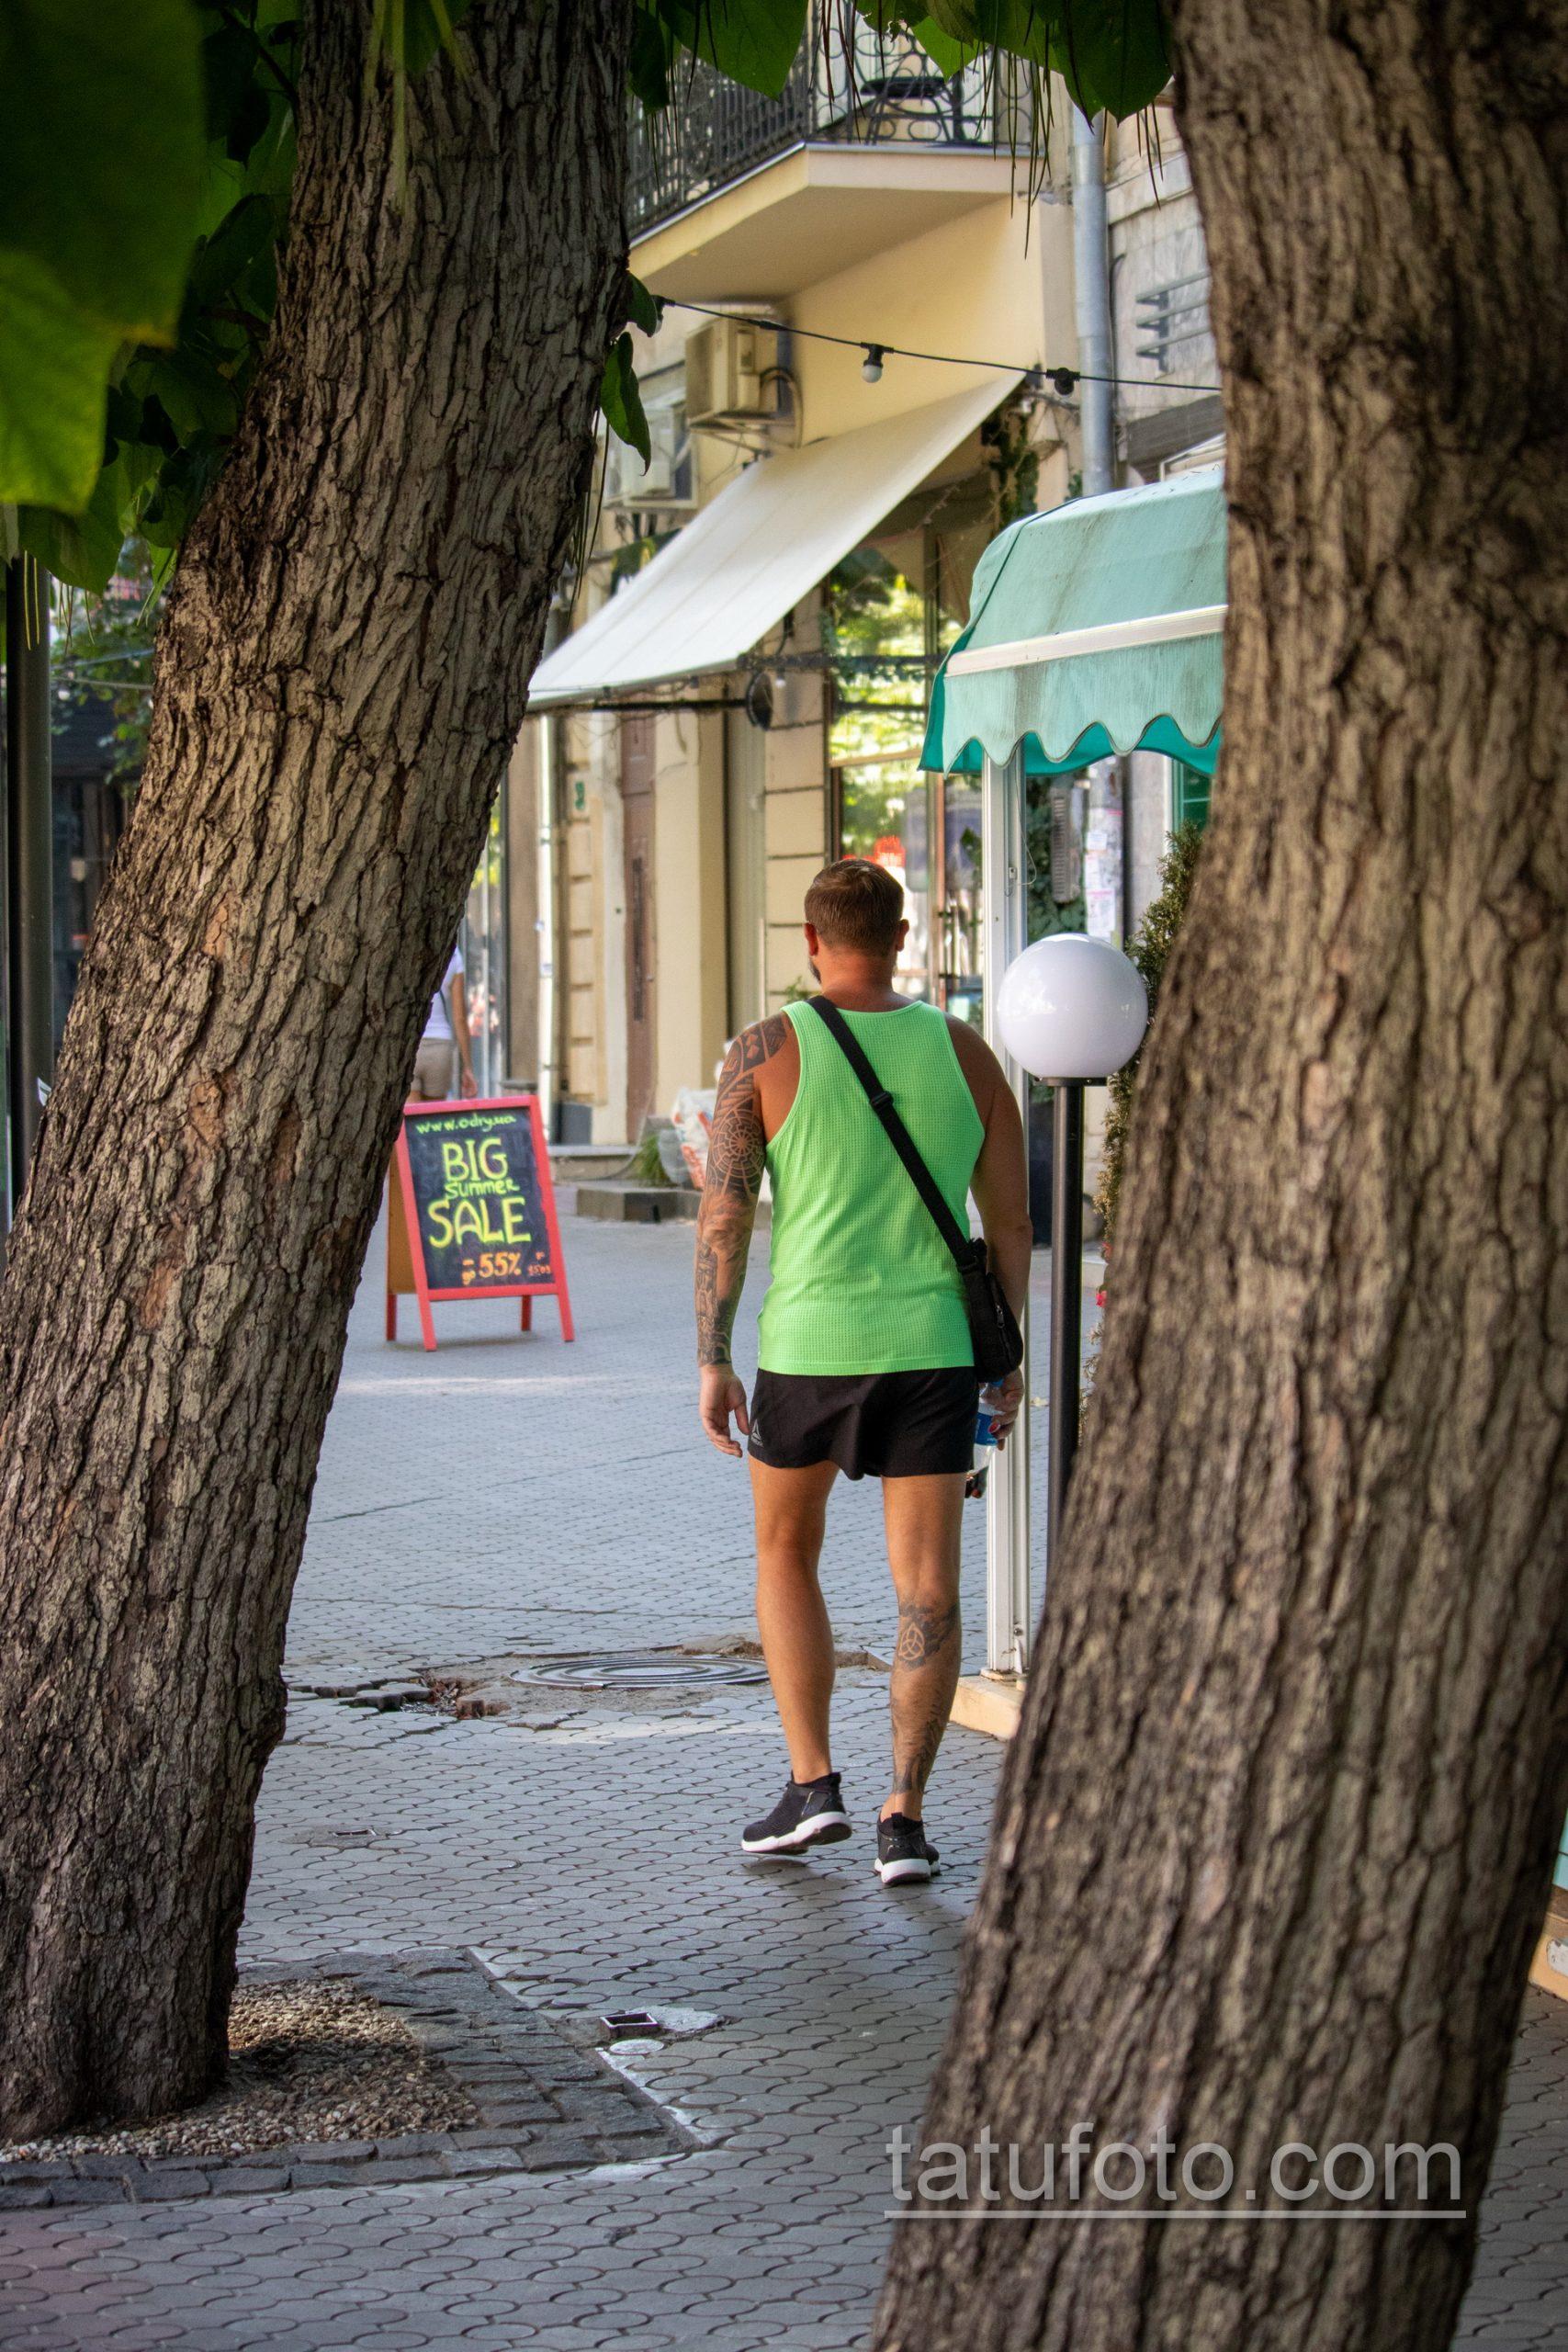 Славянские татуировки на левой руке и правой ноге мужчины - Уличная татуировка 14.09.2020 – tatufoto.com 1